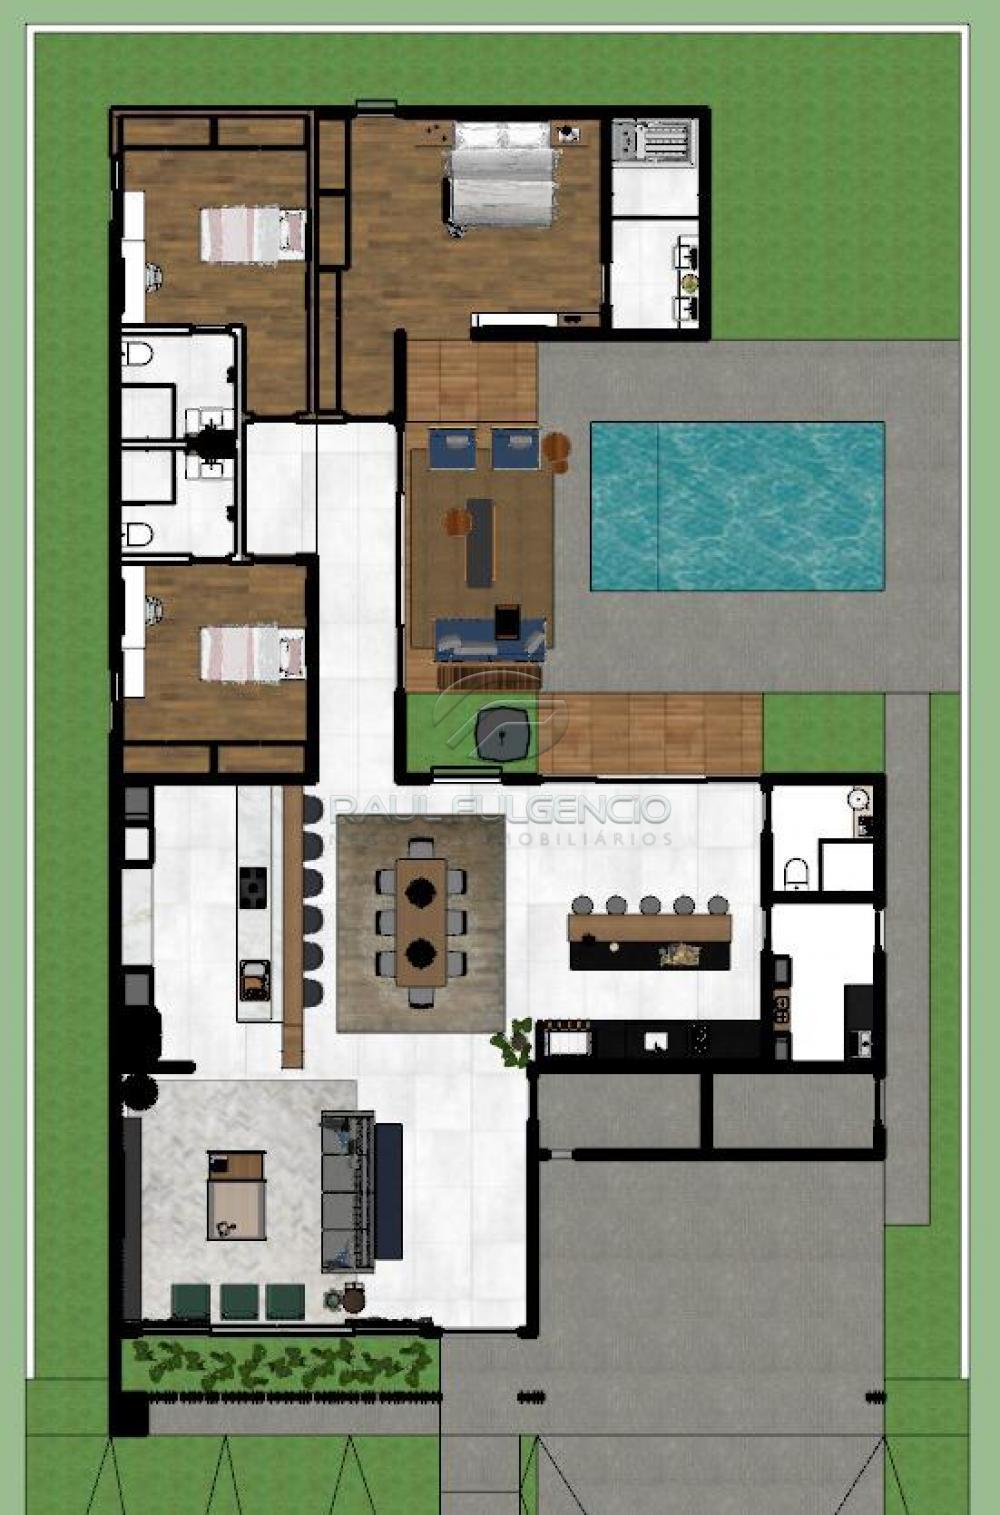 Comprar Casa / Condomínio Térrea em Londrina apenas R$ 1.290.000,00 - Foto 8